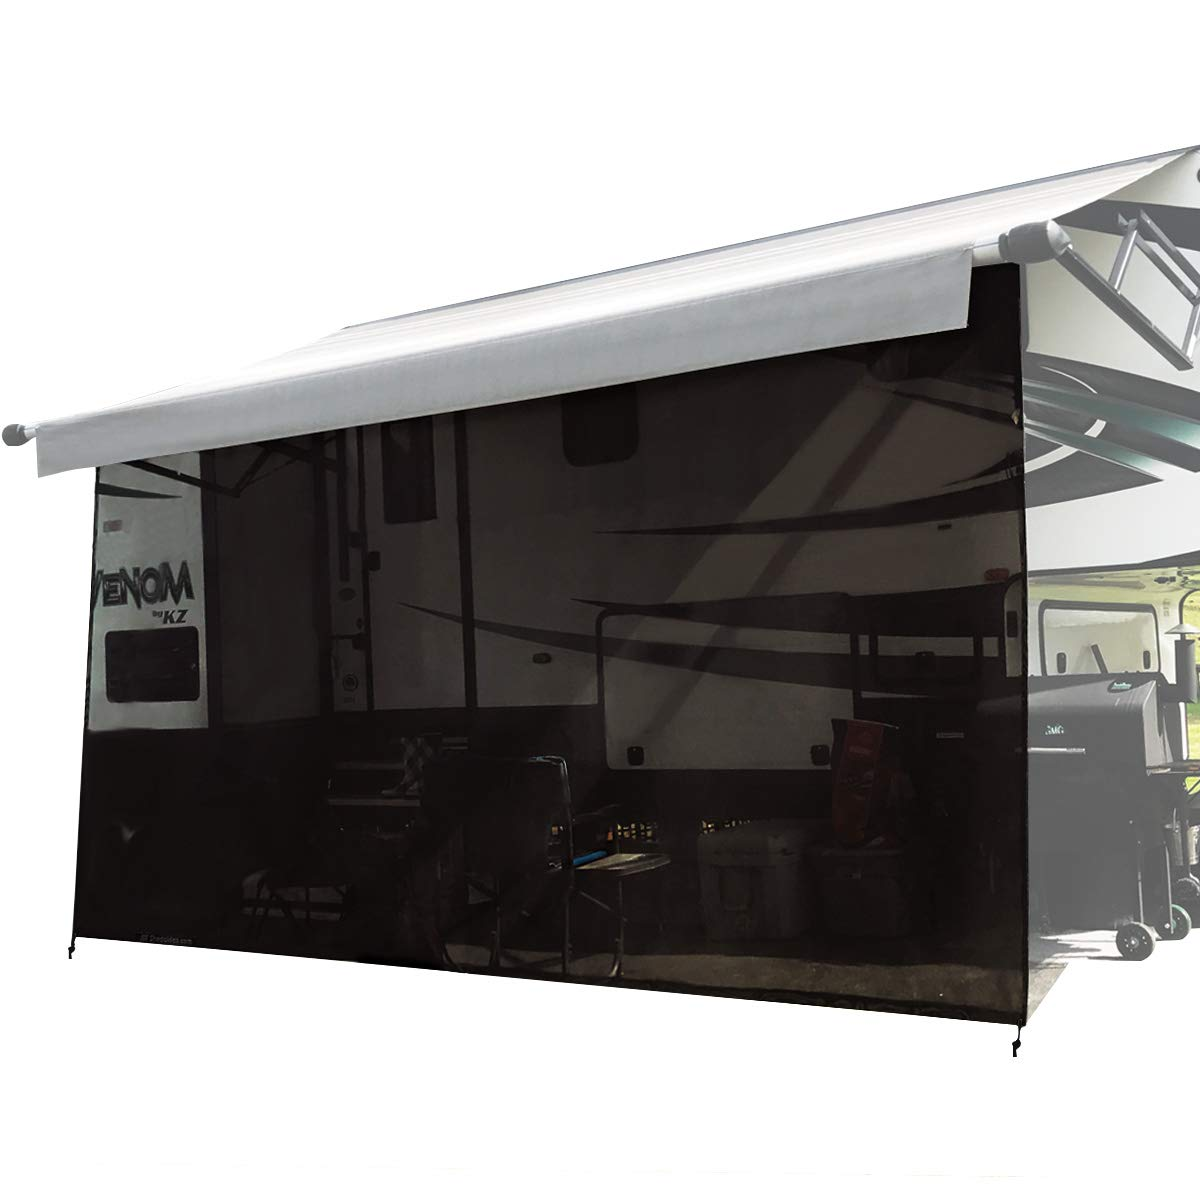 Shadeidea RV Sun Shade Screen for Awning - 8' X 19' 5'' Black Mesh Sunshade Motorhome Camping Trailer UV Sunblocker Canopy Sunscreen Offer 3 Years Warranty by Shadeidea (Image #1)